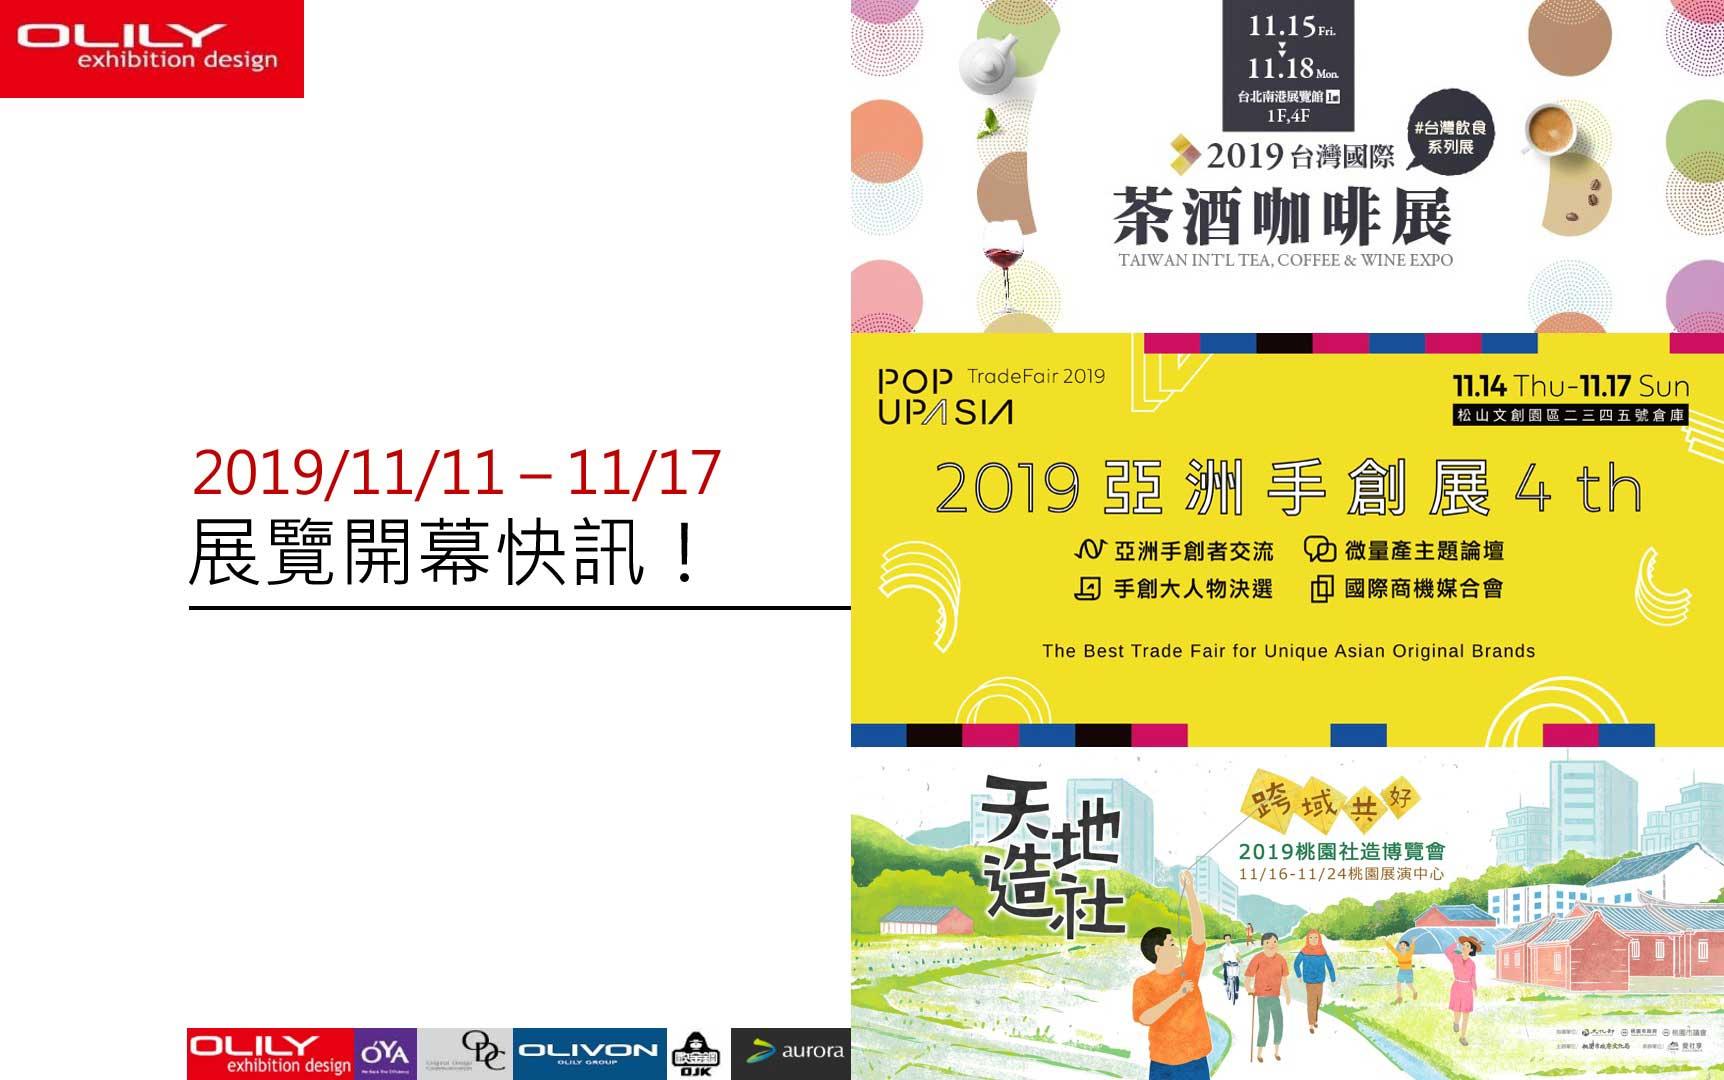 展覽資訊 1111 - 展覽設計推薦歐立利展場設計公司